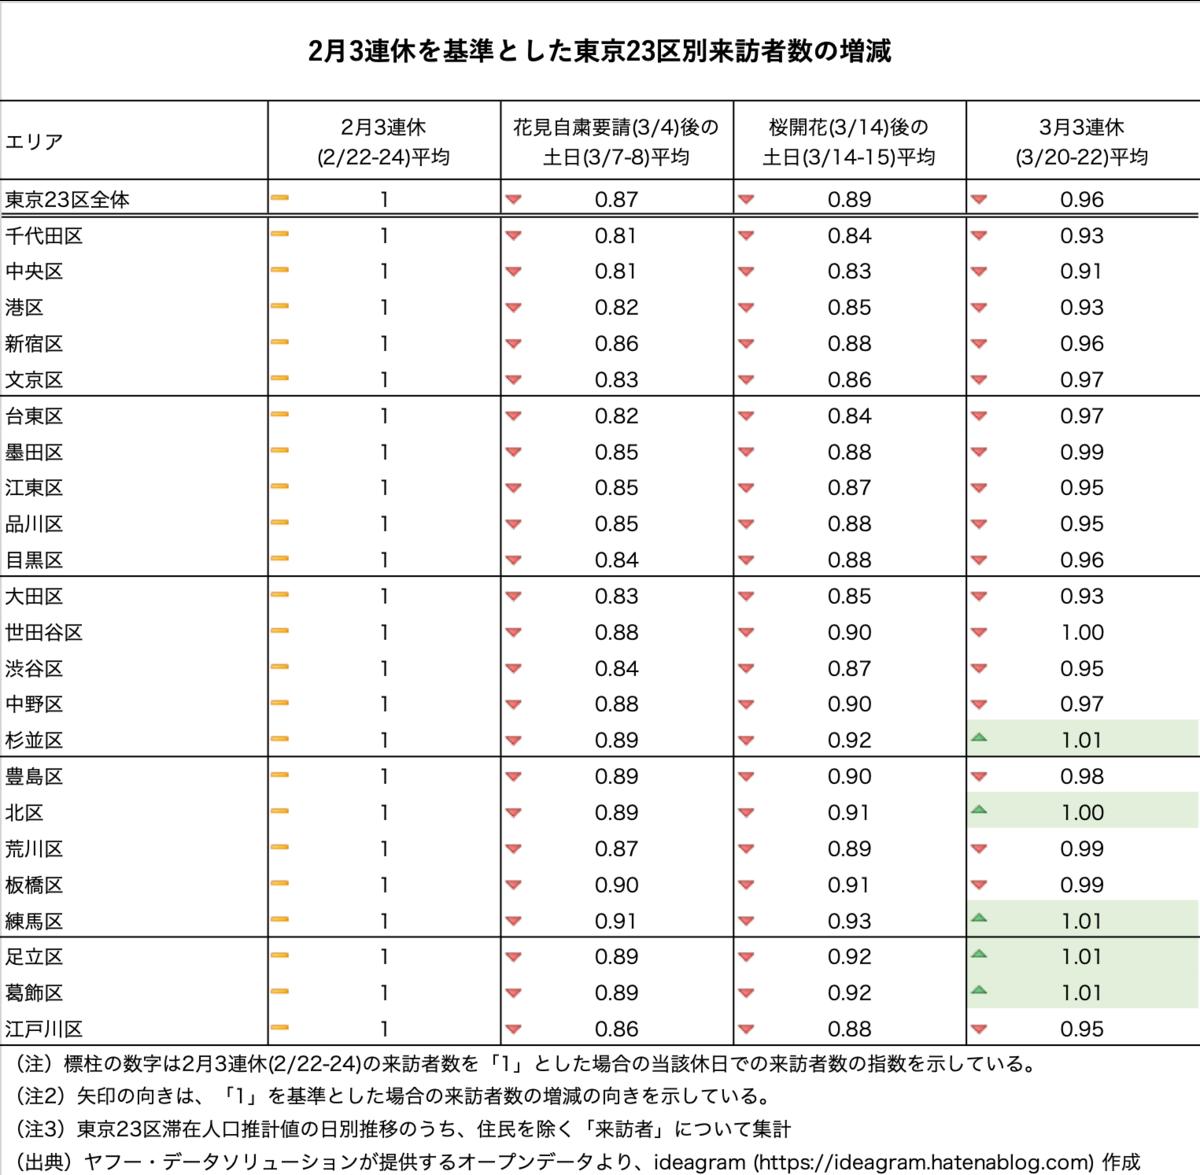 2月3連休を基準とした東京23区別来訪者数の増減 3月3連休中の来訪者数は2月3連休とほぼ同水準にまで逆戻り。むしろ、杉並区等では2月よりも来訪者数が増加している。